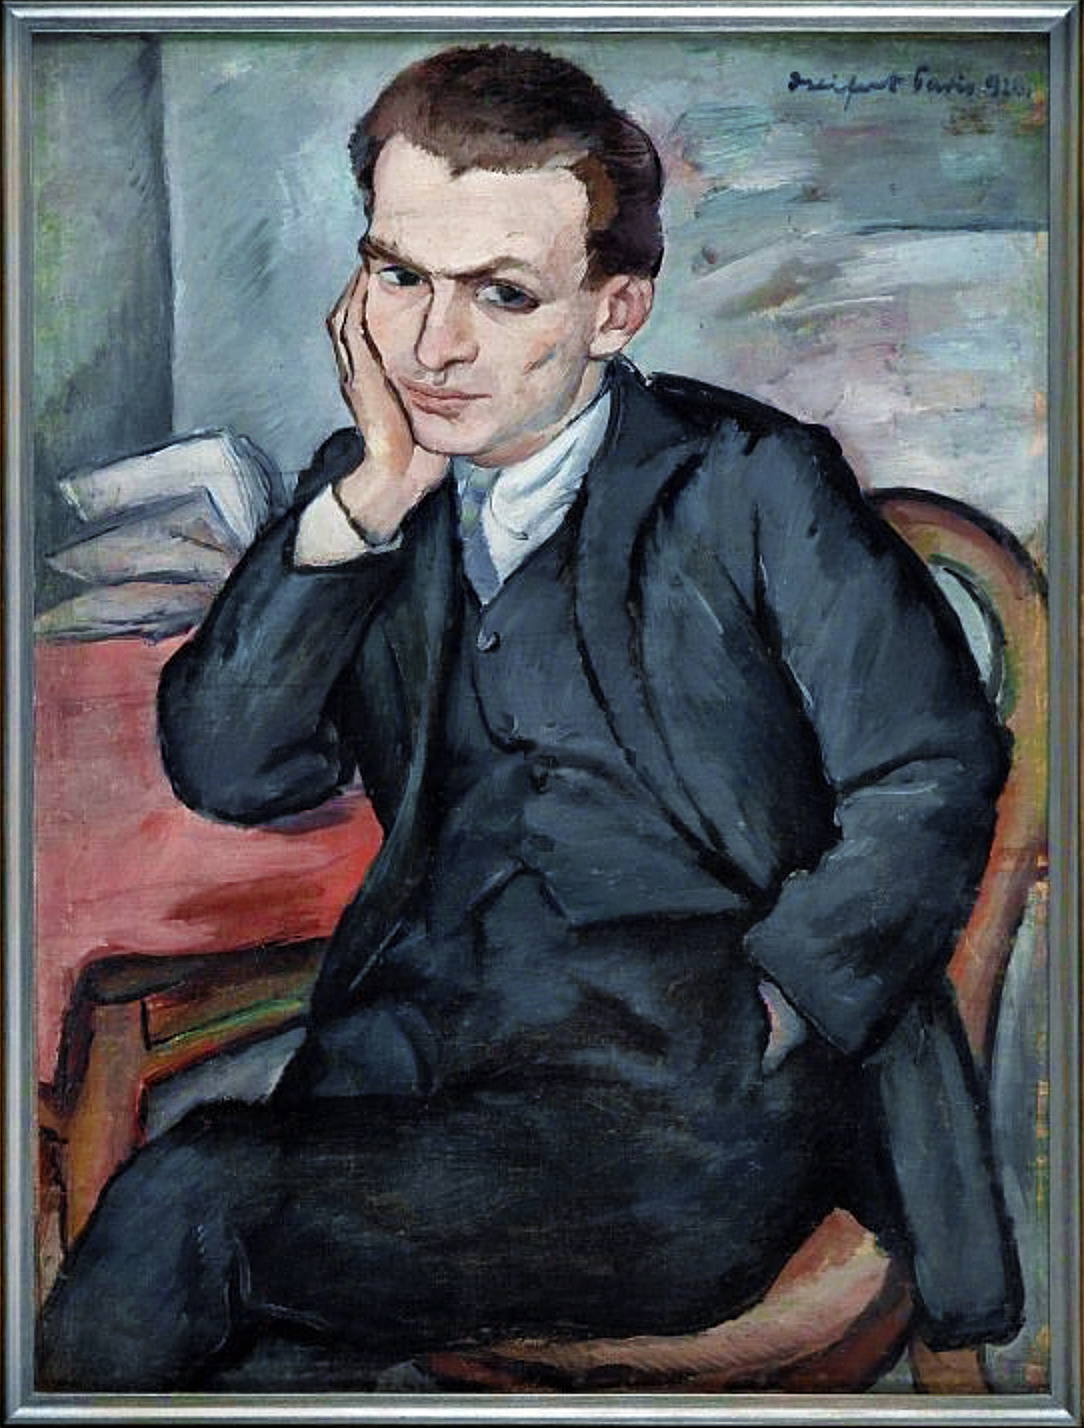 Давід Сейфер. Автопортрет, 1926; олія, полотно